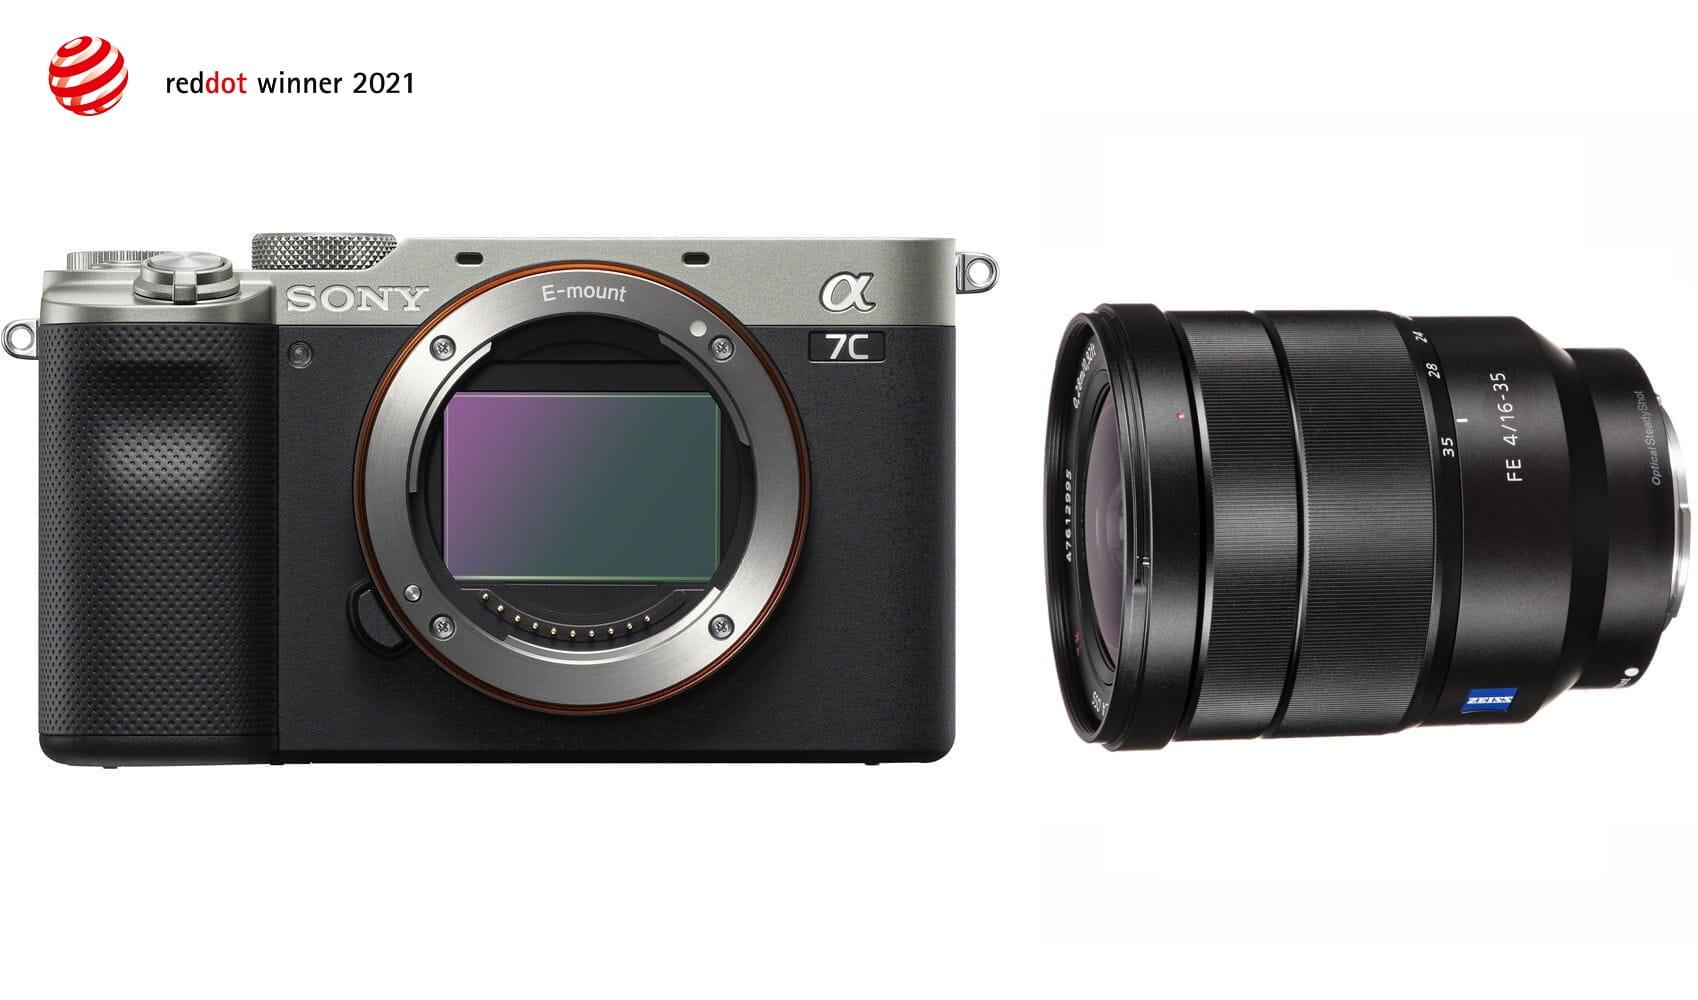 Aparat cyfrowy Sony A7C srebrny ILCE7C + obiektyw FE 16-35 mm f/4.0 Zeiss Vario-Tessar ZA OSS - SEL1635Z + cashback 900 i 650 zł